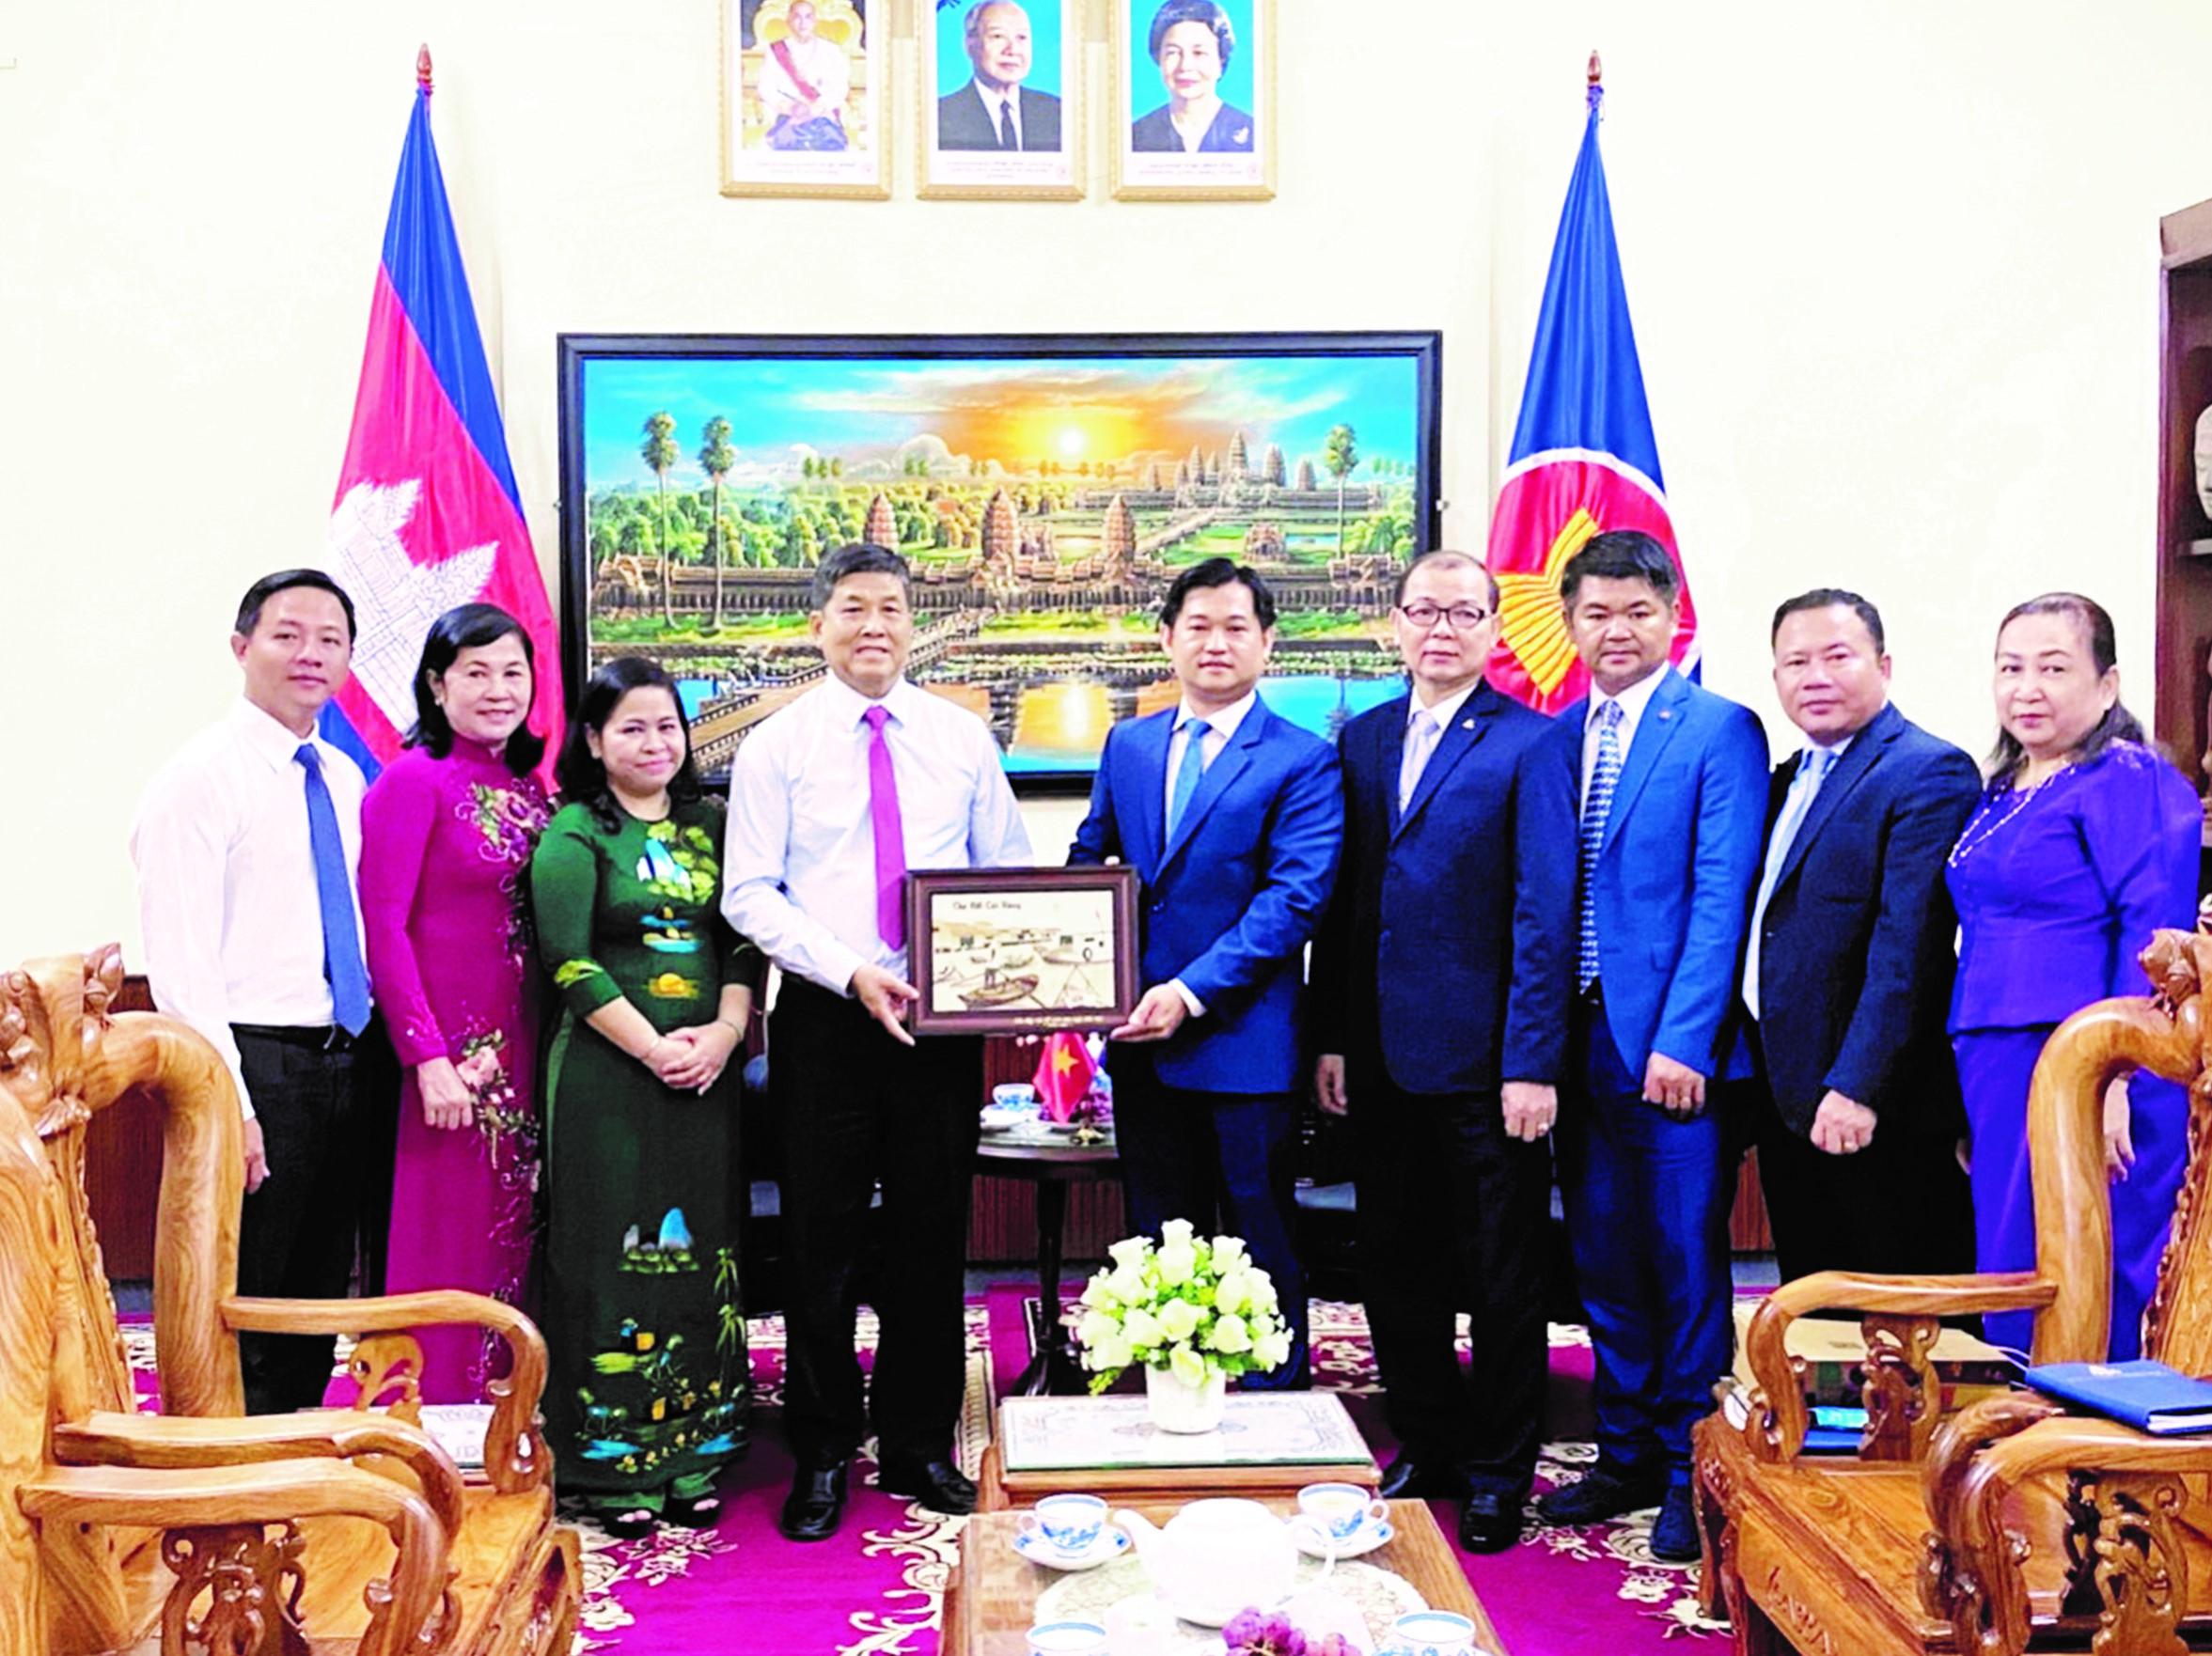 Hội Hữu nghị Việt Nam - Campuchia TP. Cần Thơ Thường xuyên đón các đoàn công tác nước bạn sang thăm và làm việc.